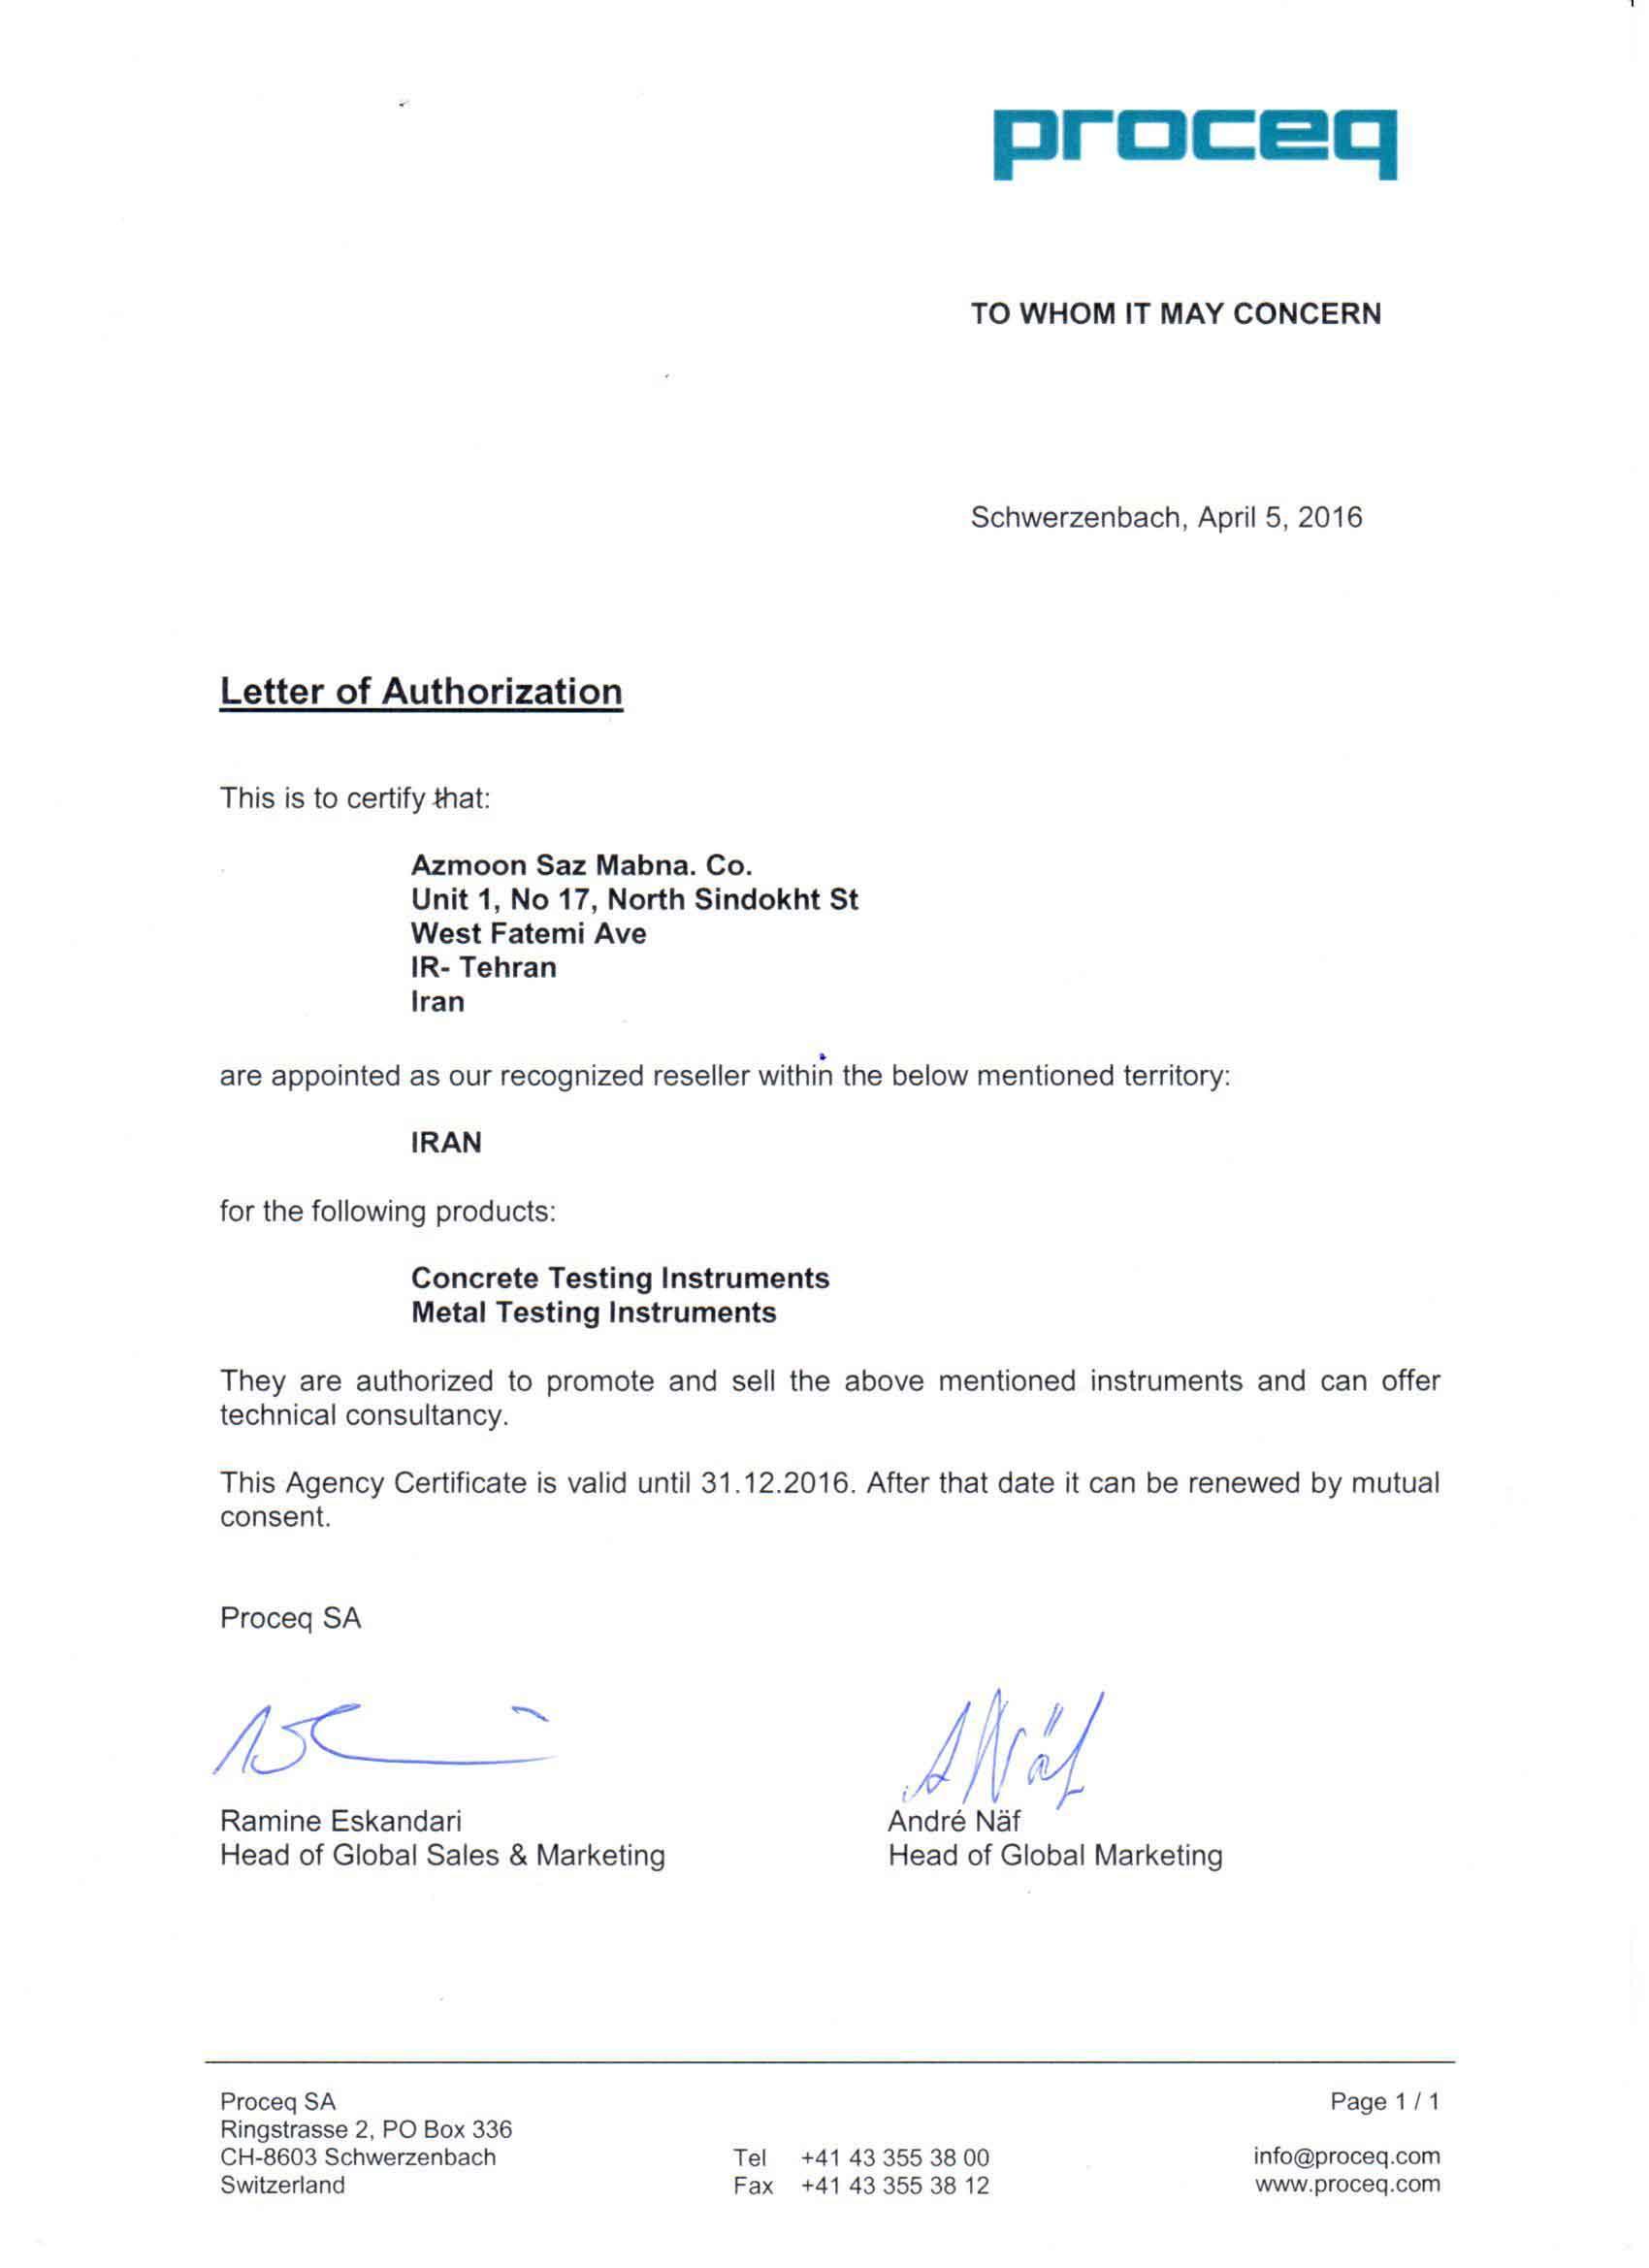 نامه نمایندگی پروسک